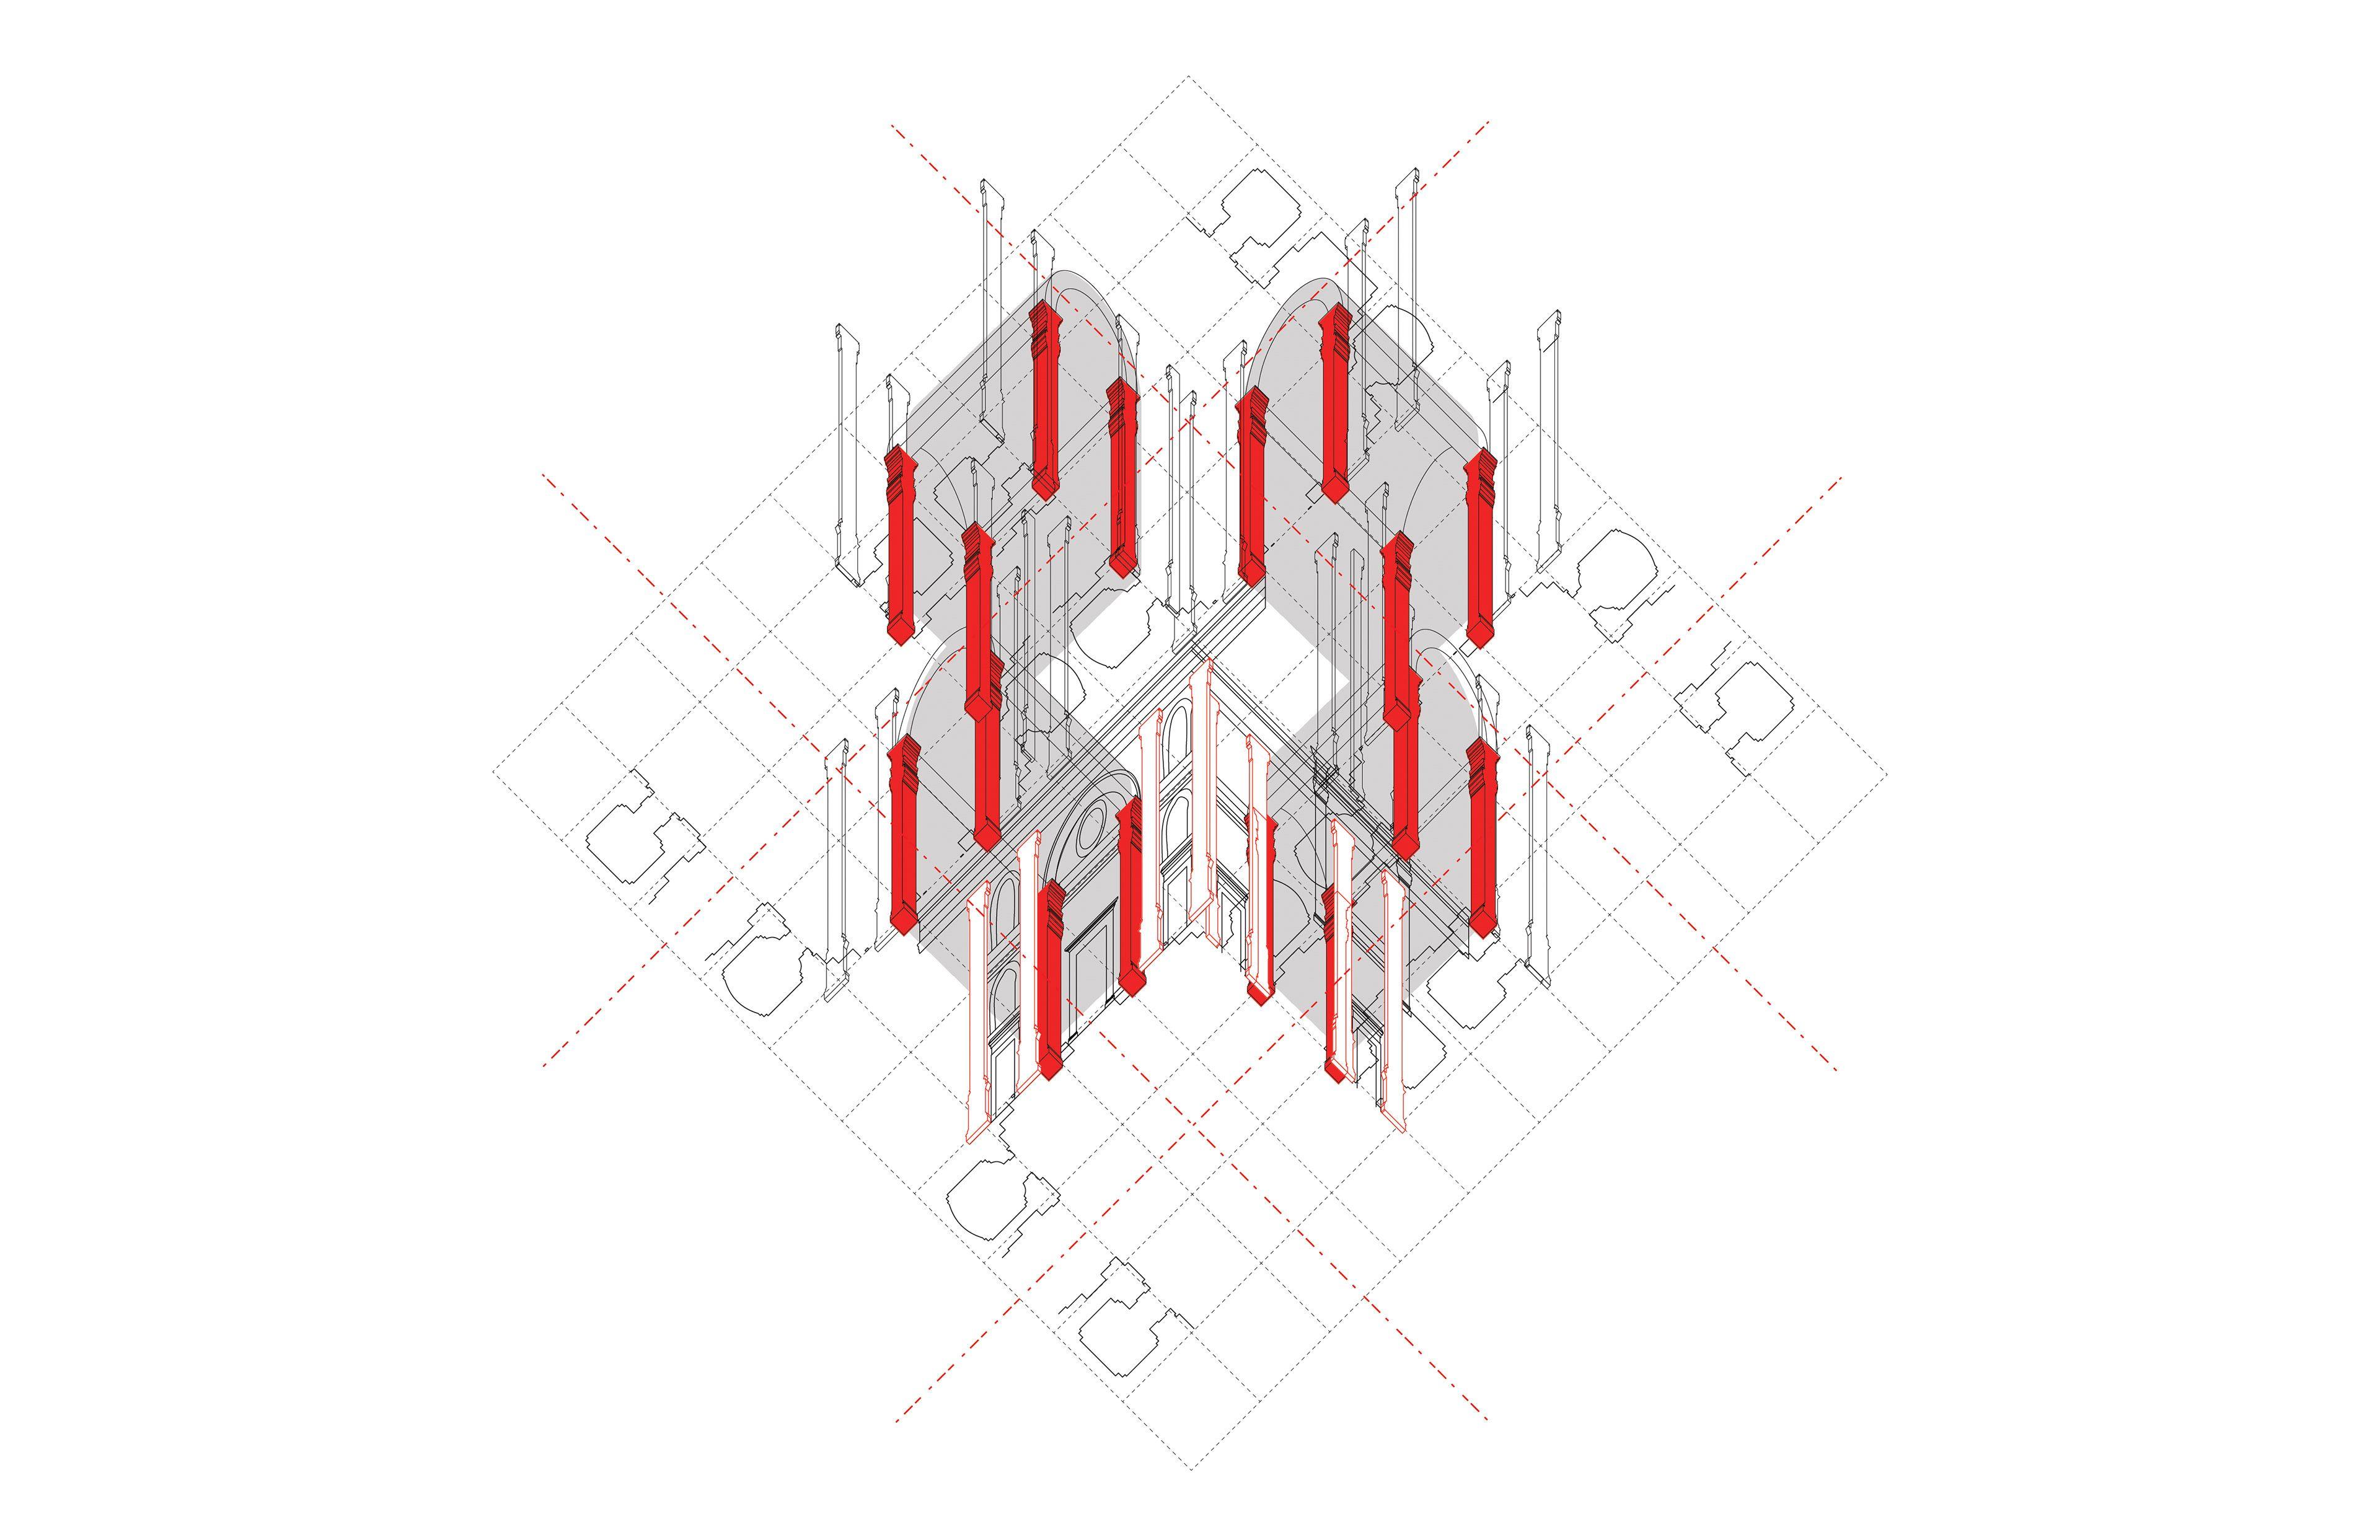 Berühmt 84 übersetzung Diagramm Bildinspirationen Bilder ...